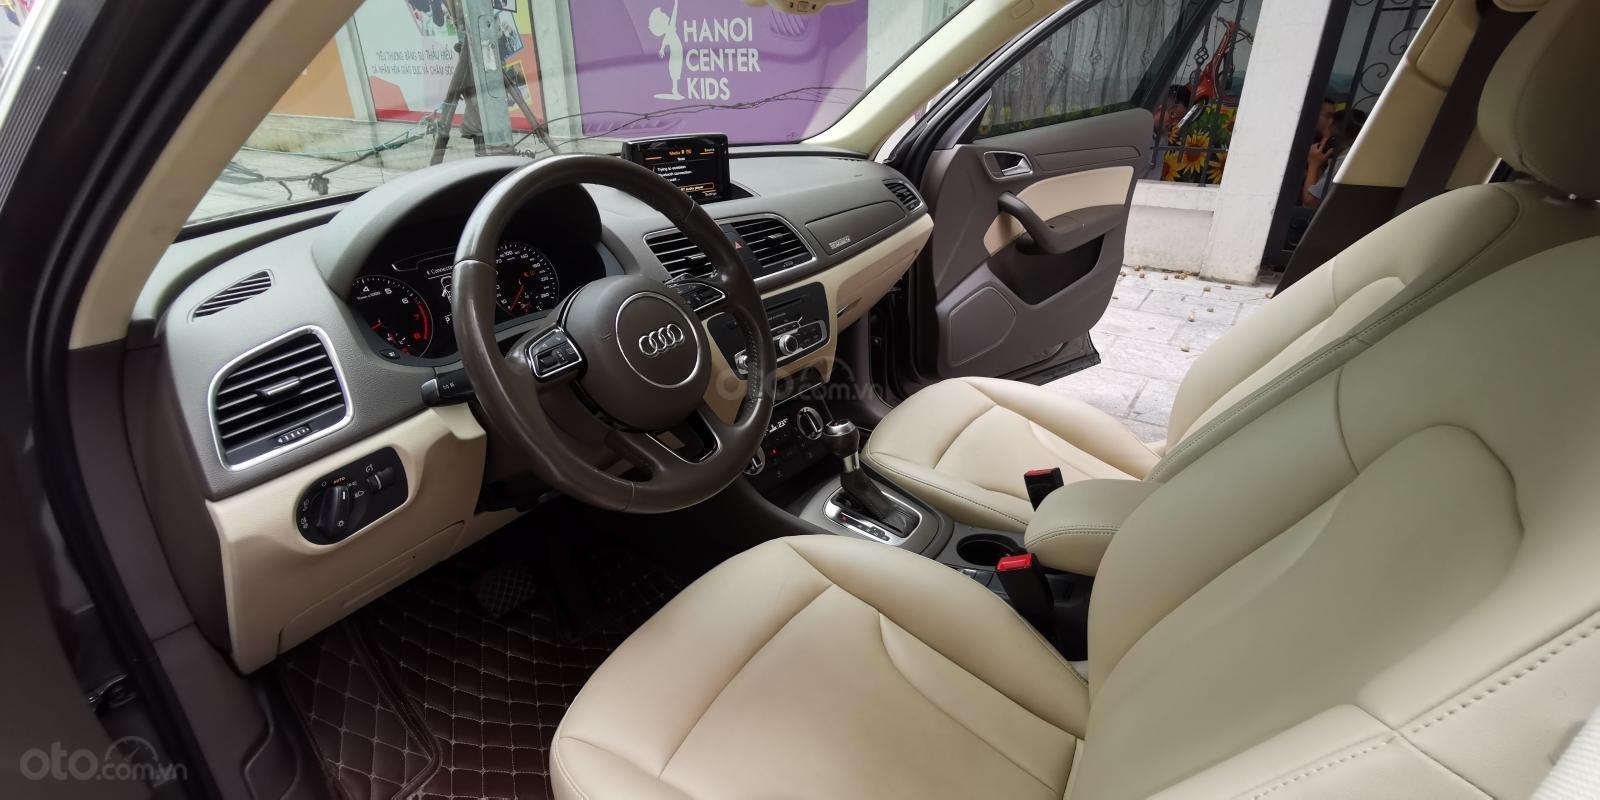 Cần bán Audi Q3 sản xuất 2015 nhập khẩu (11)